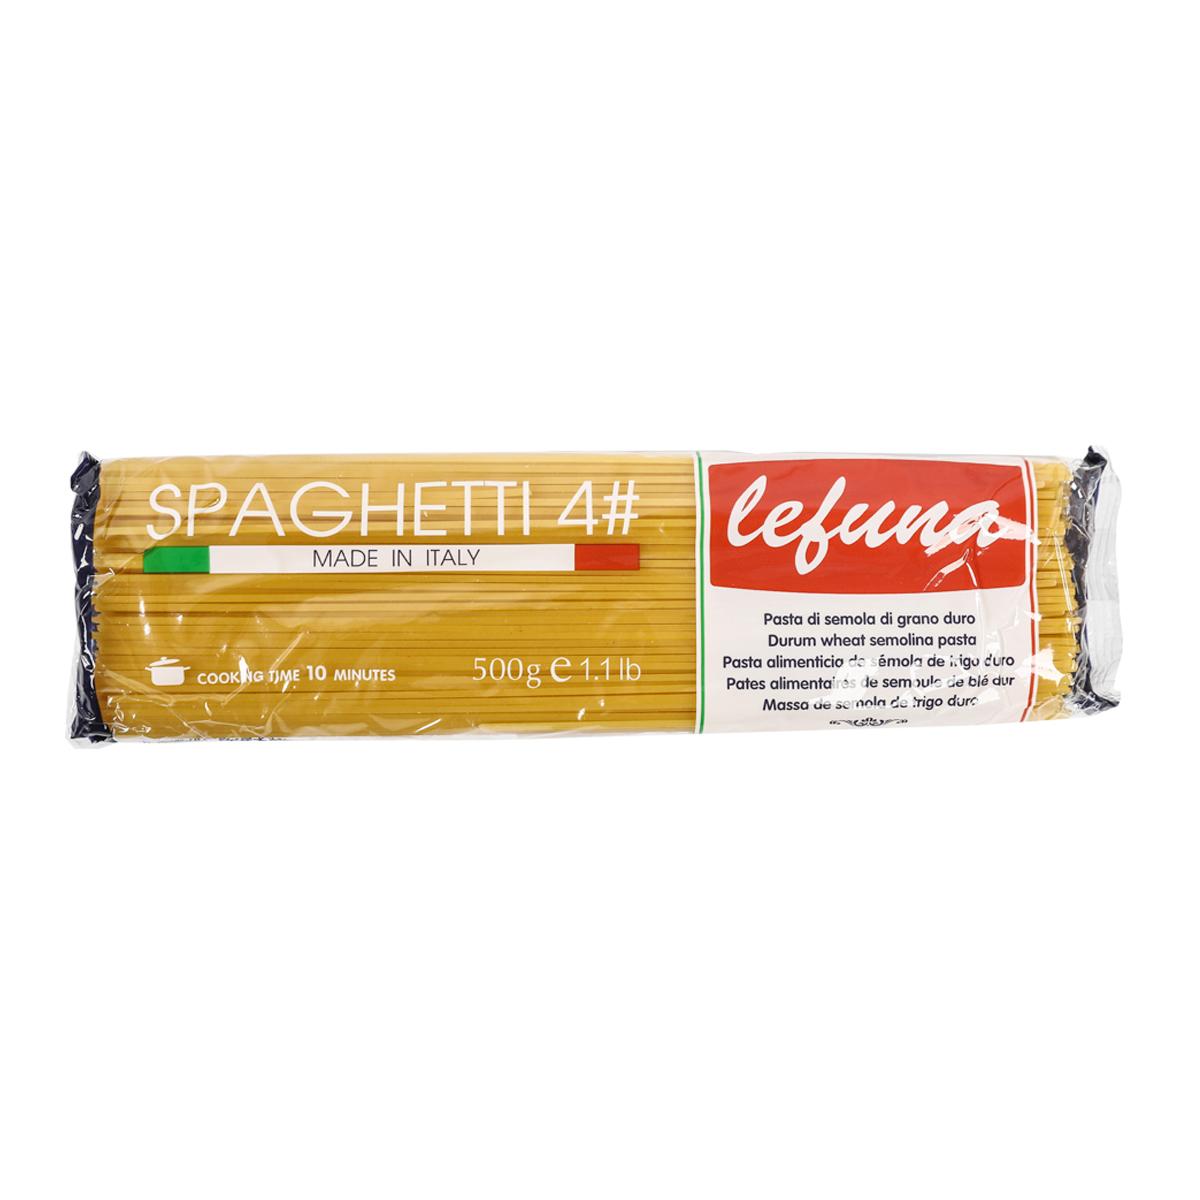 乐芙娜4# 意大利进口直面意大利面条意粉意面500g*2包spaghetti